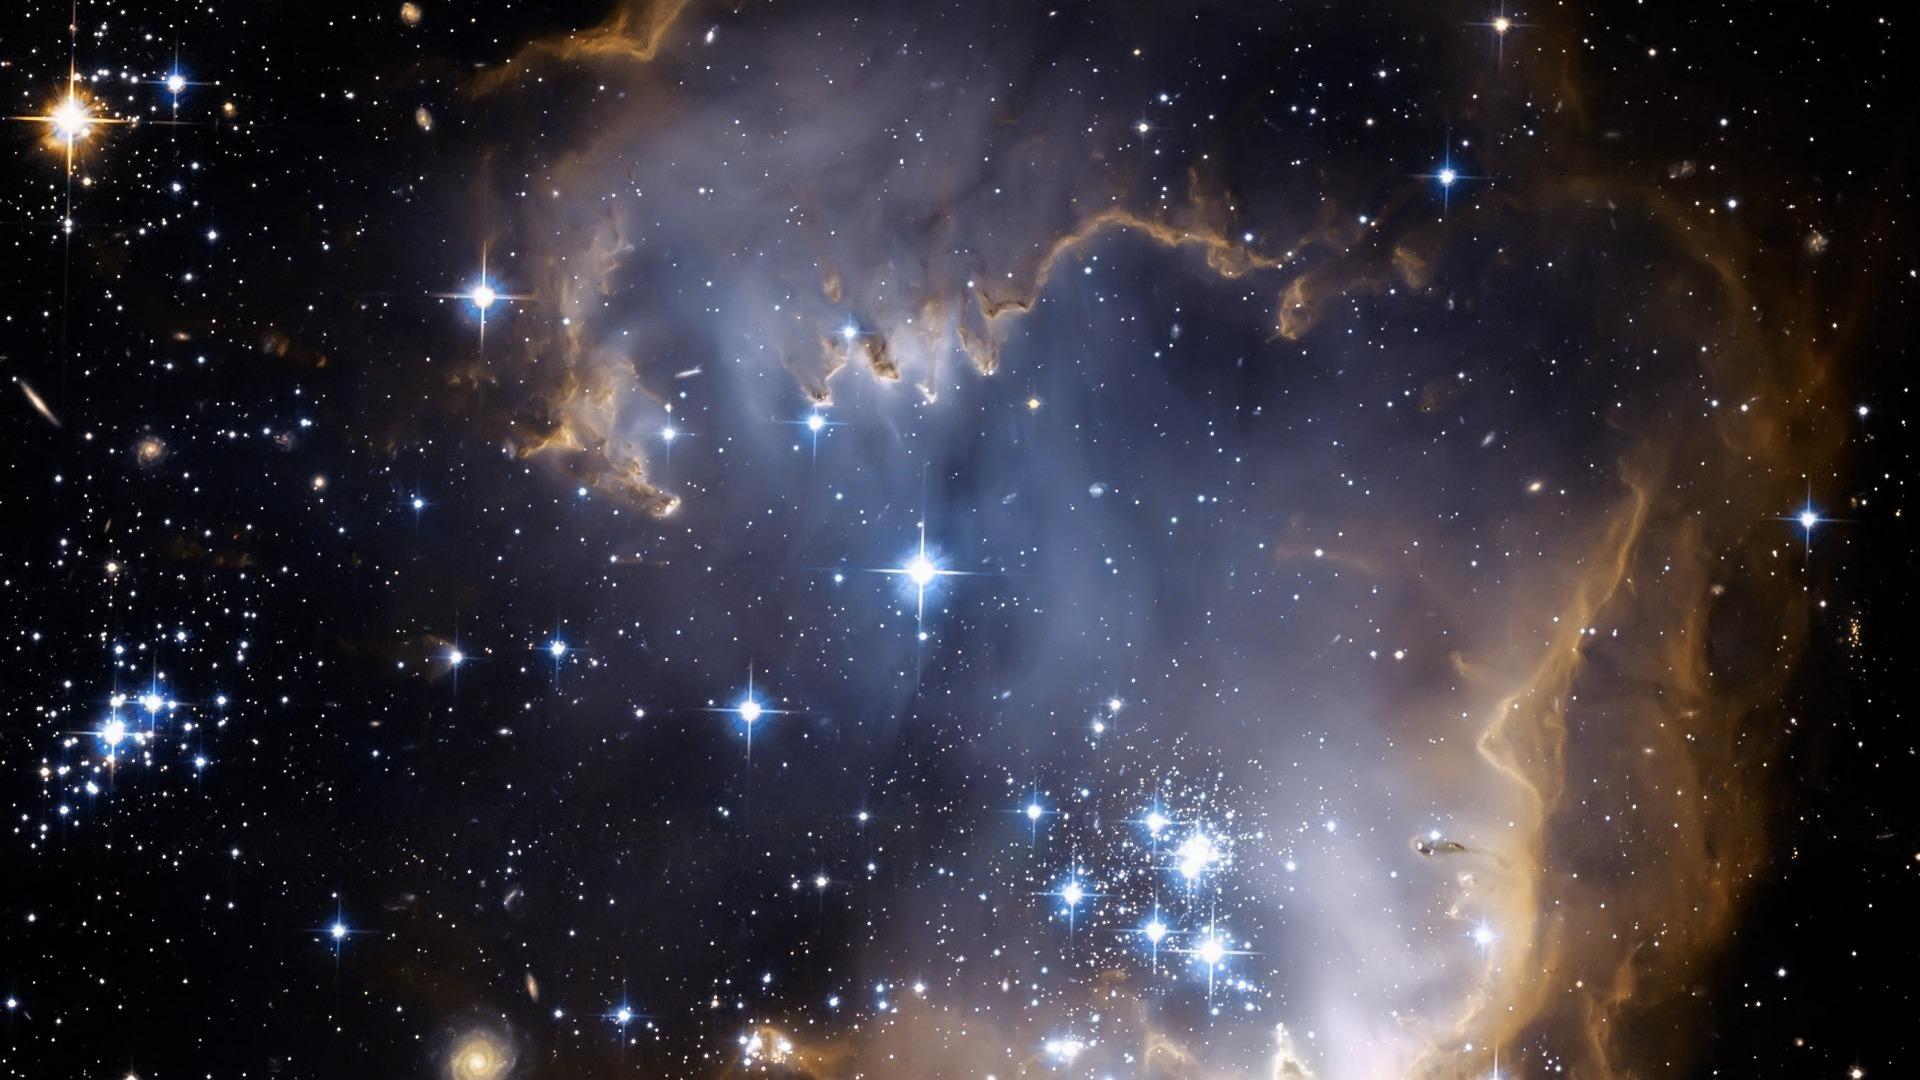 wallpaper.wiki-Hubble-Desktop-Wallpaper-1920×1080-PIC-WPD007968